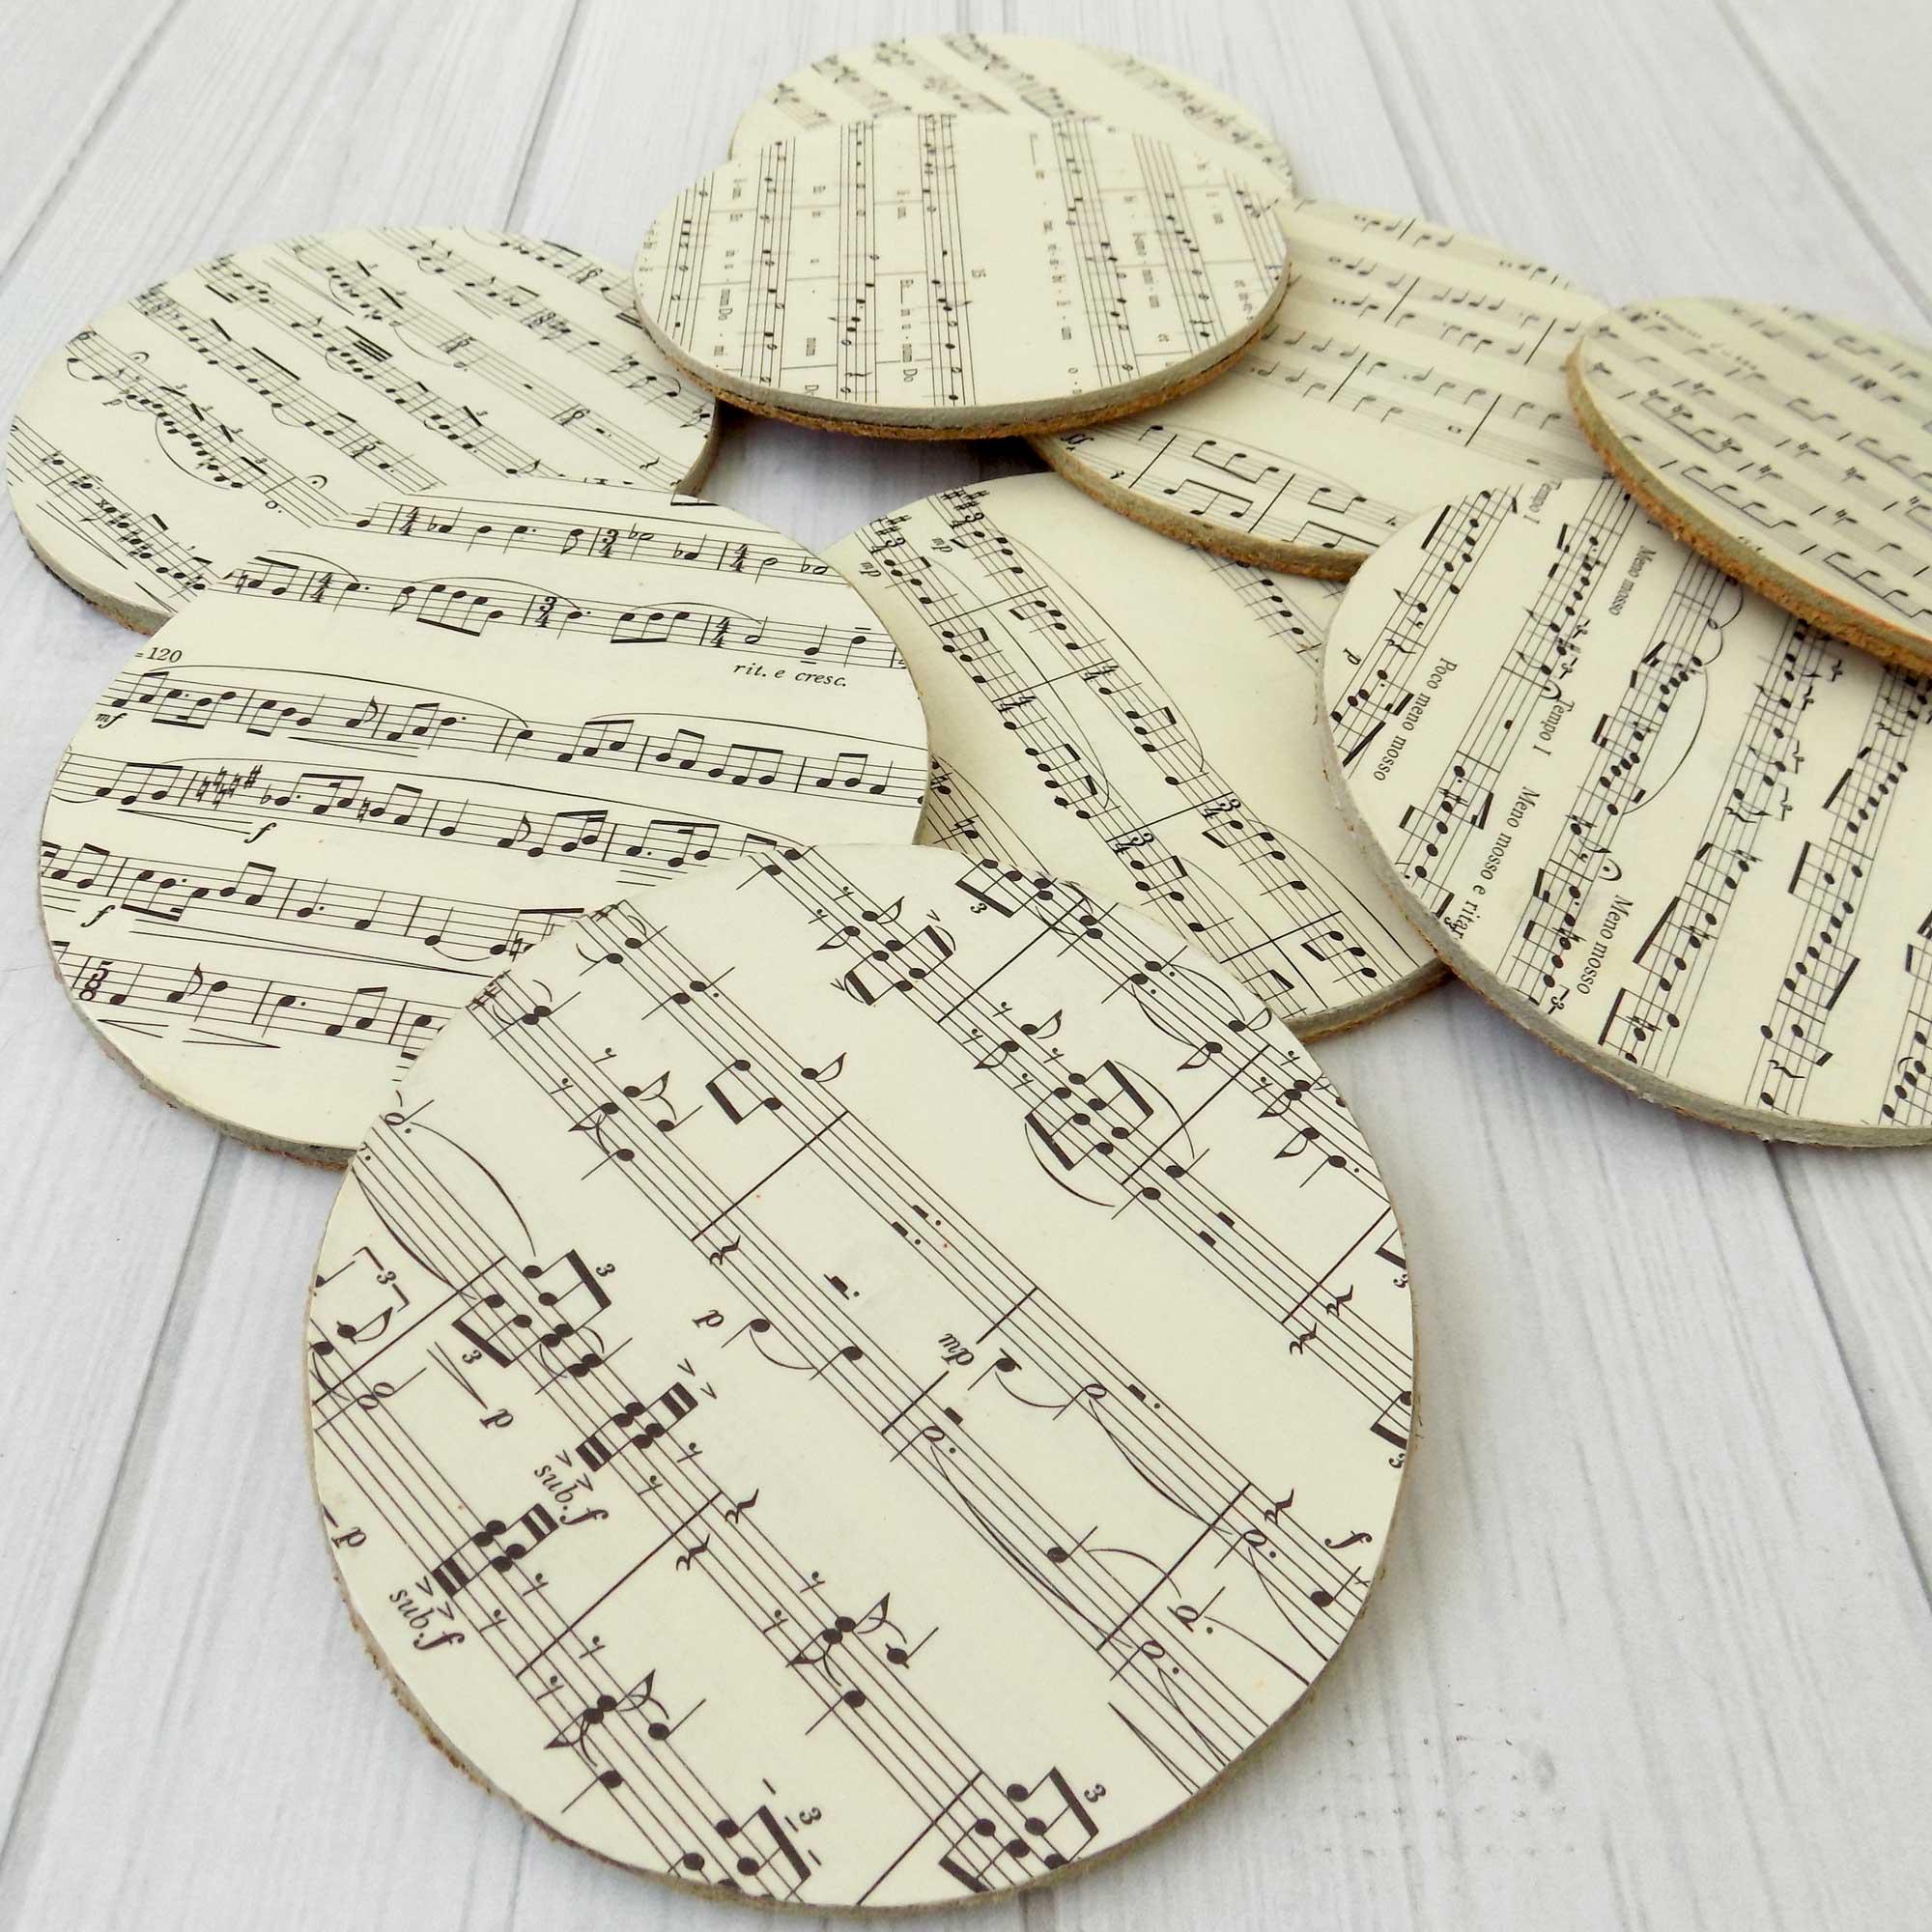 Music1c